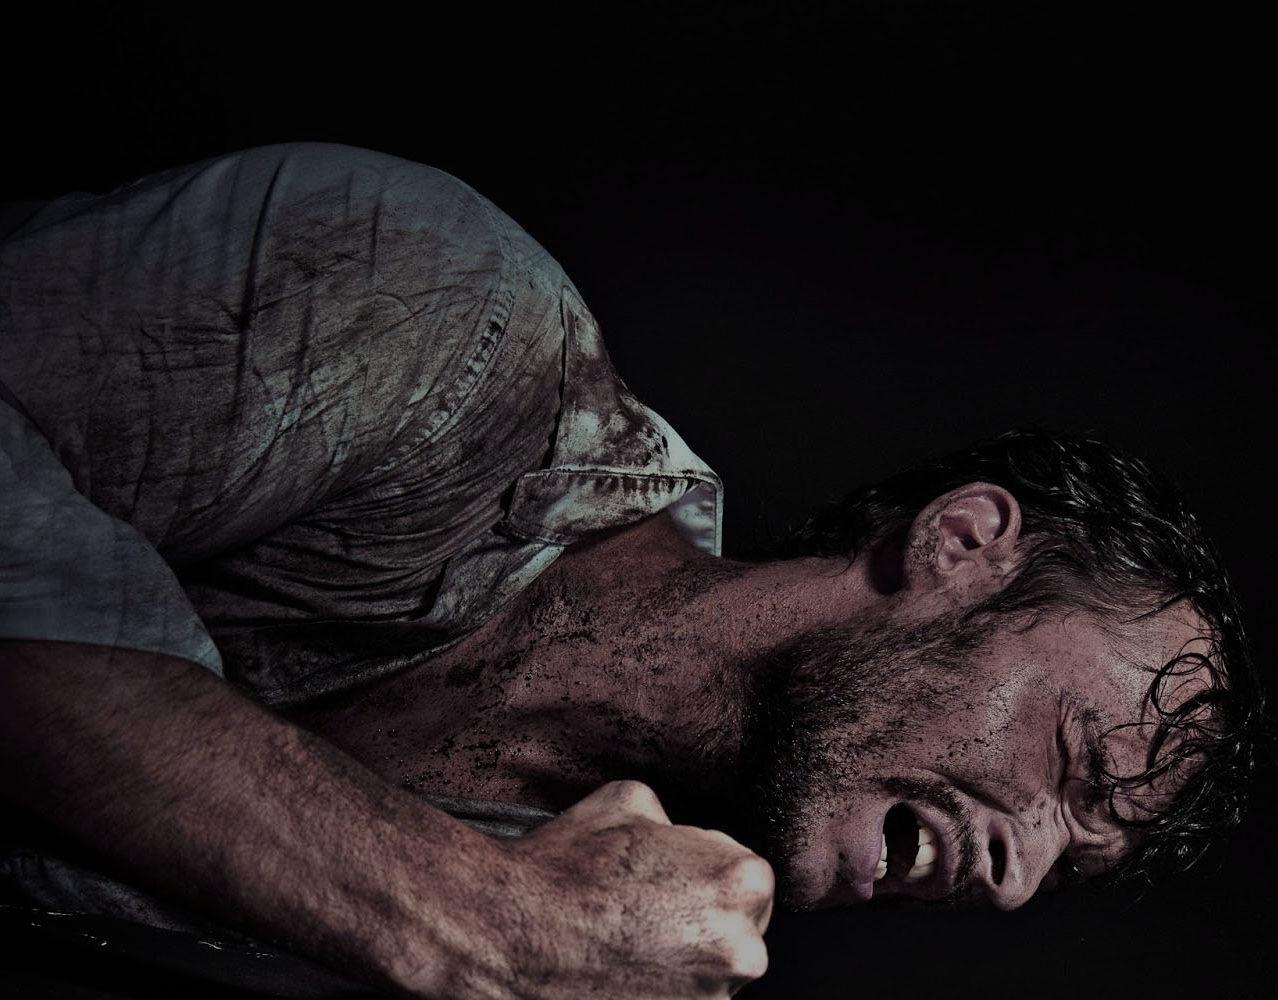 Dolor y sufrimiento en Mala Praxis Médica